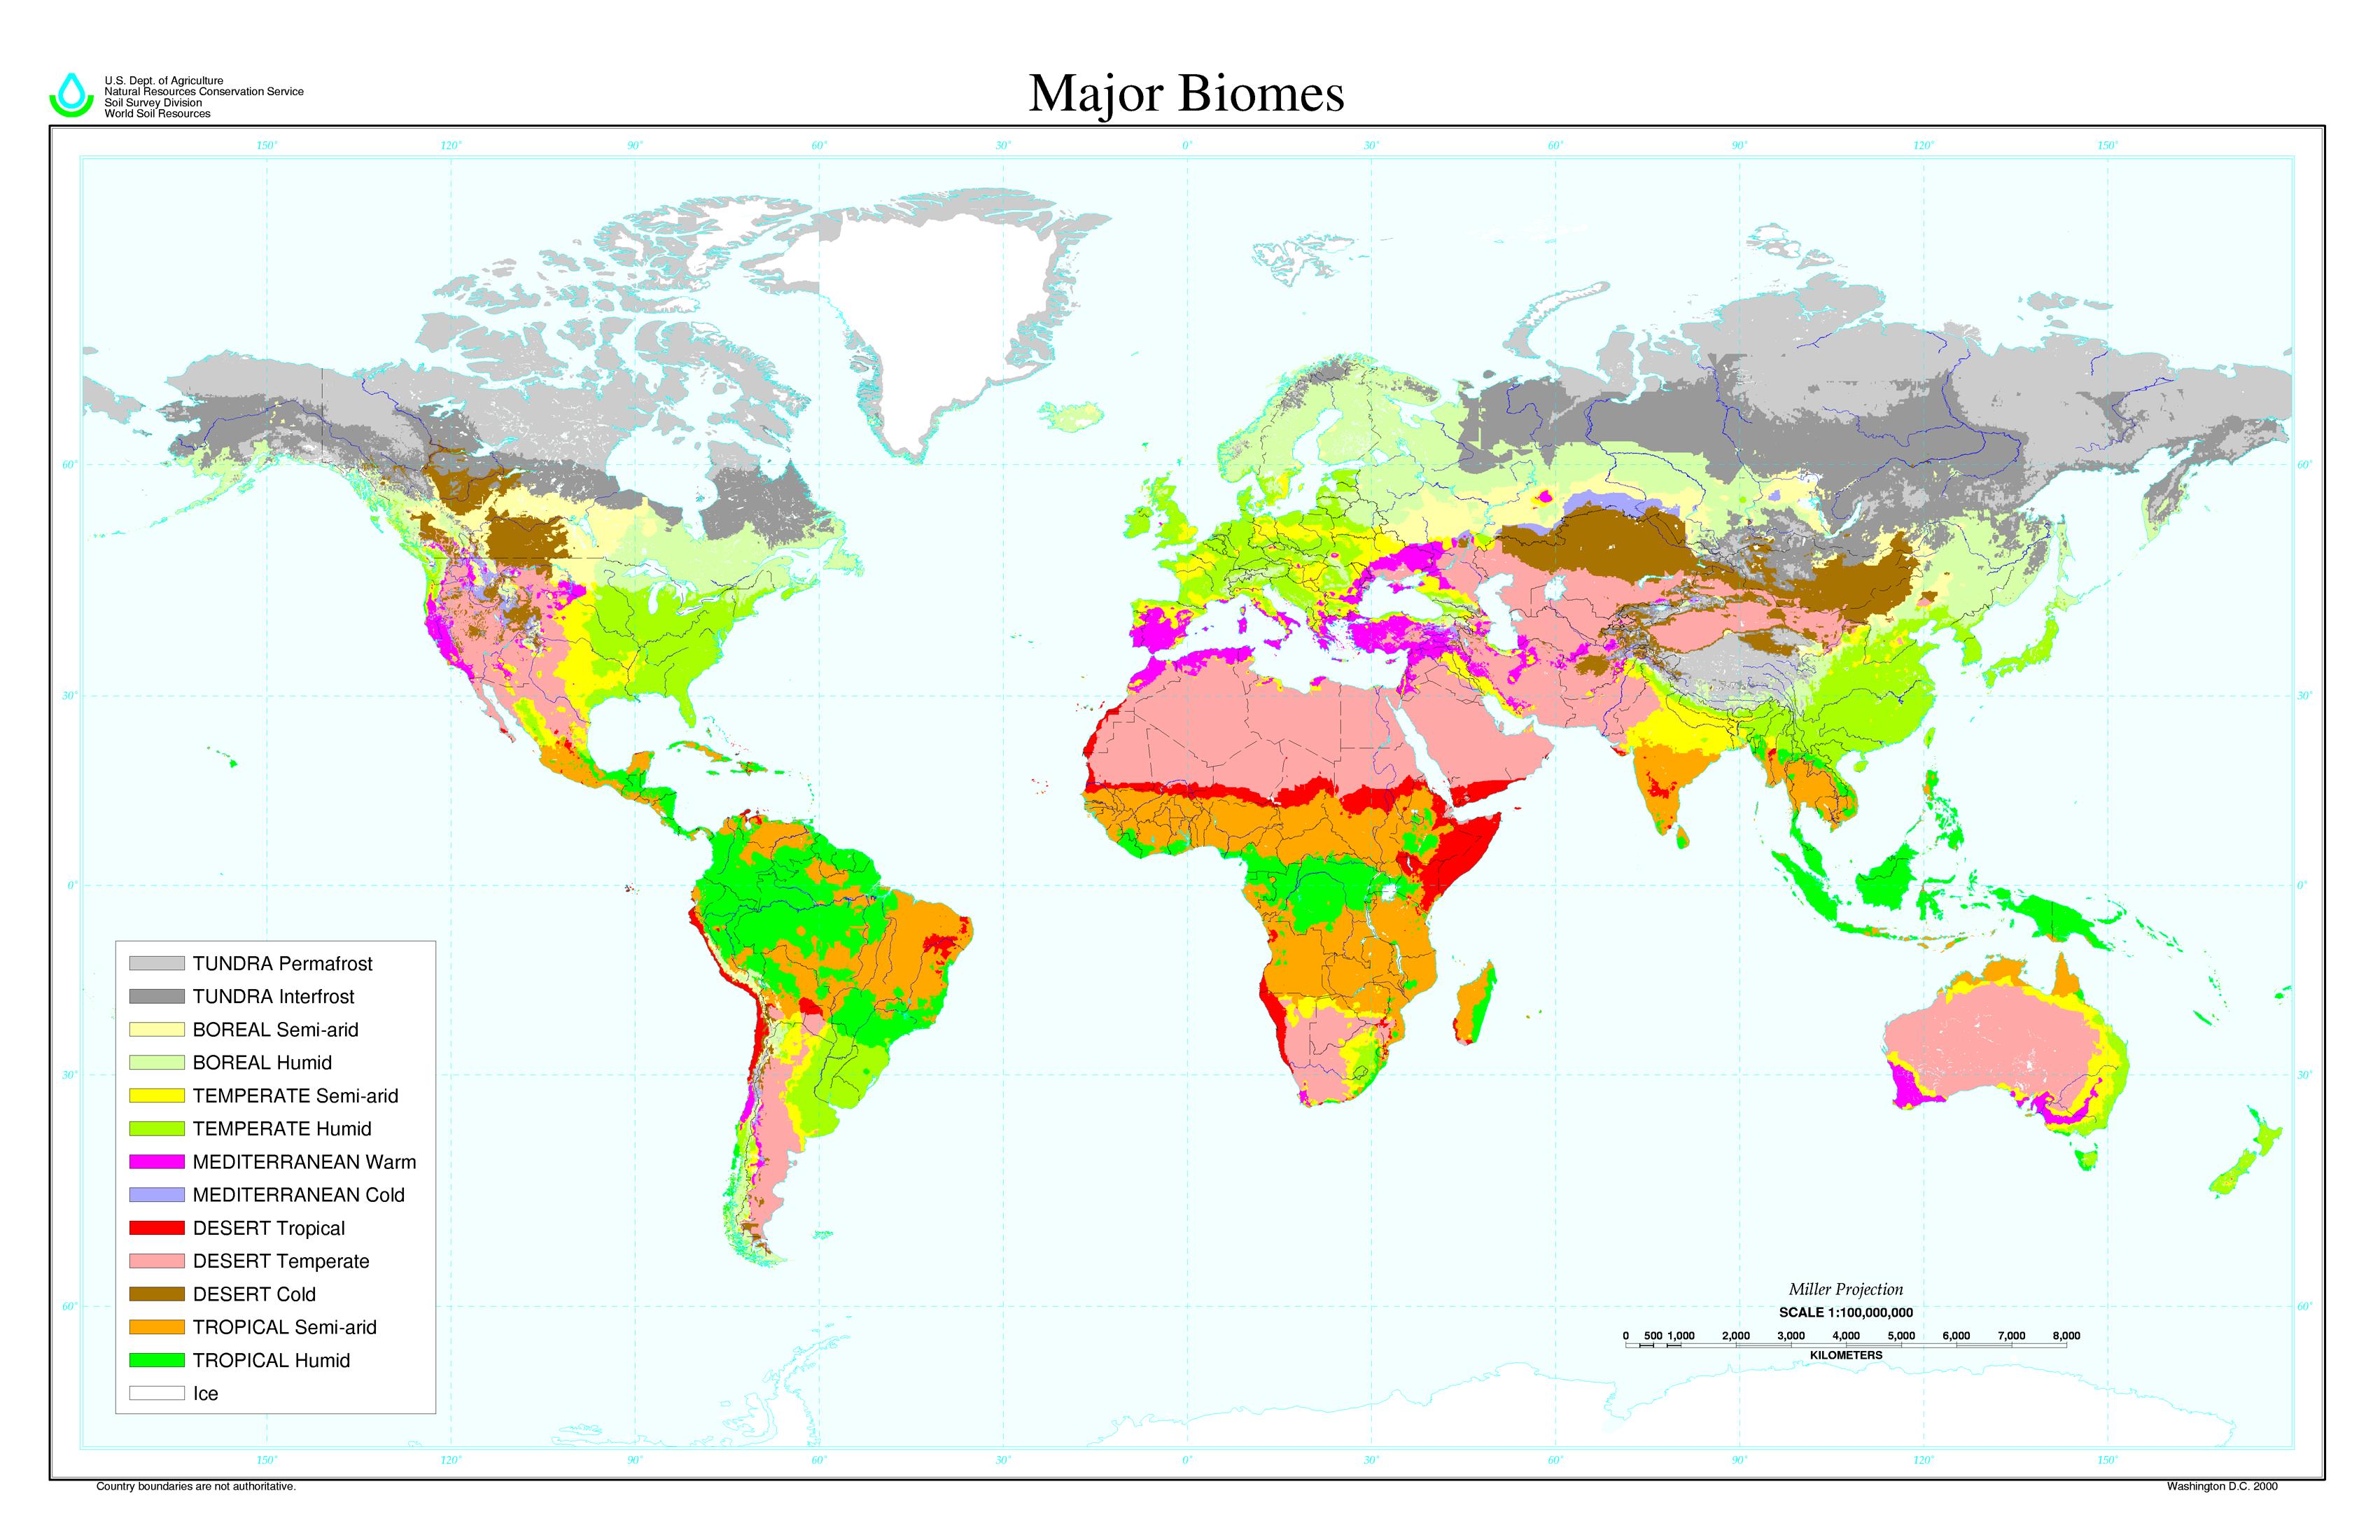 World major biomes 2000 - Full size